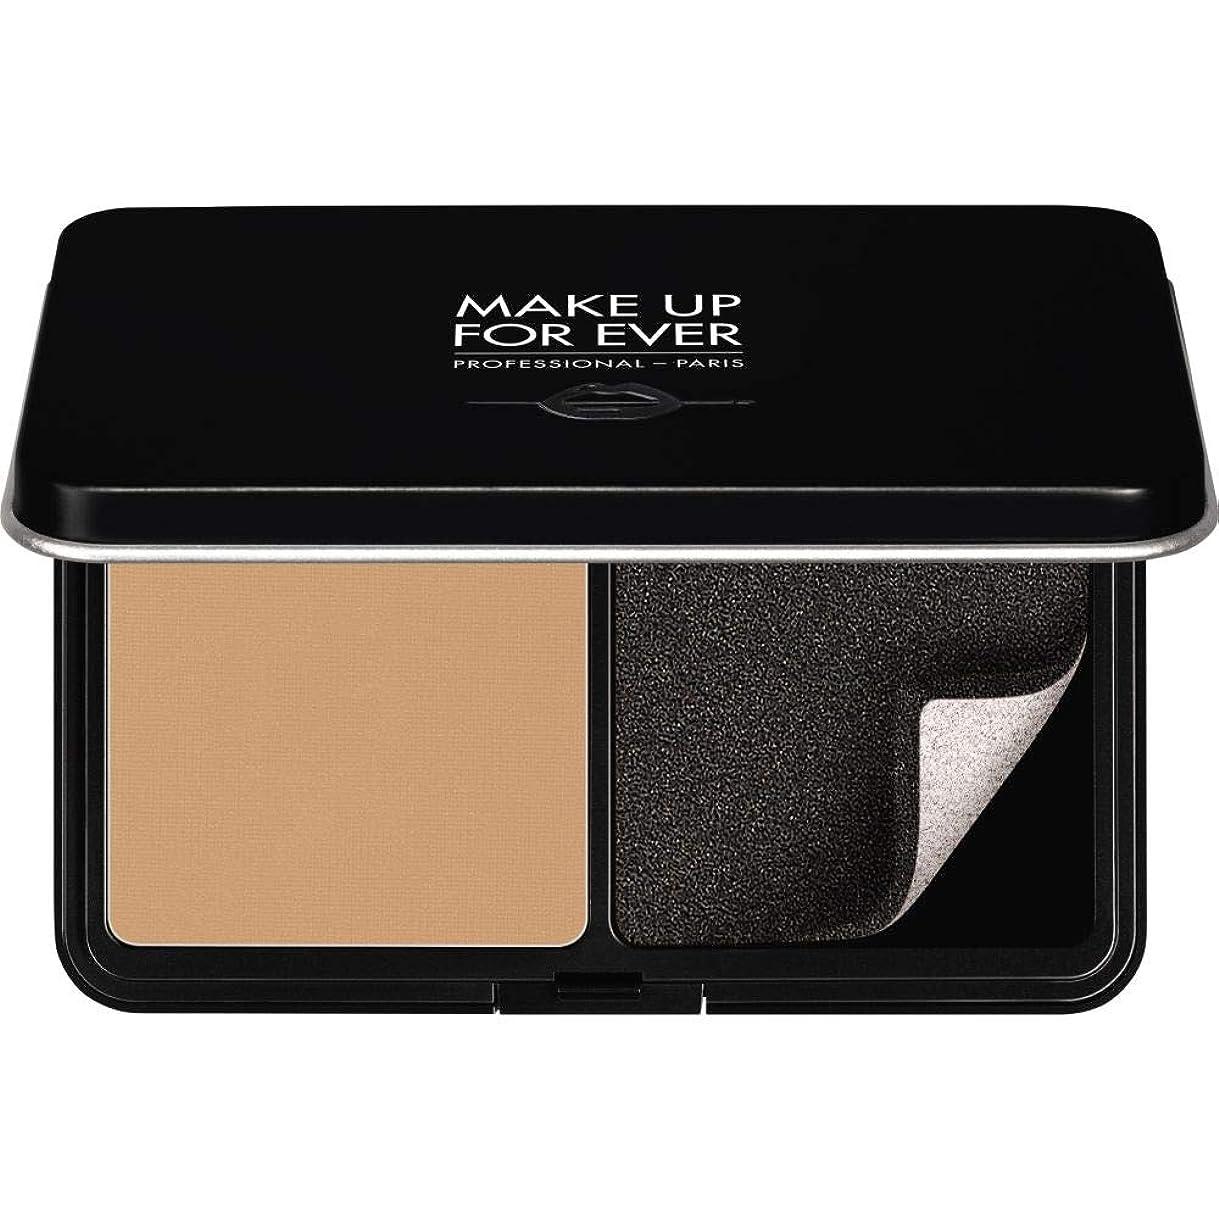 神秘的な編集する正当な[MAKE UP FOR EVER] パウダーファンデーション11GののY315をぼかし、これまでマットベルベットの肌を補う - 砂 - MAKE UP FOR EVER Matte Velvet Skin Blurring Powder Foundation 11g Y315 - Sand [並行輸入品]